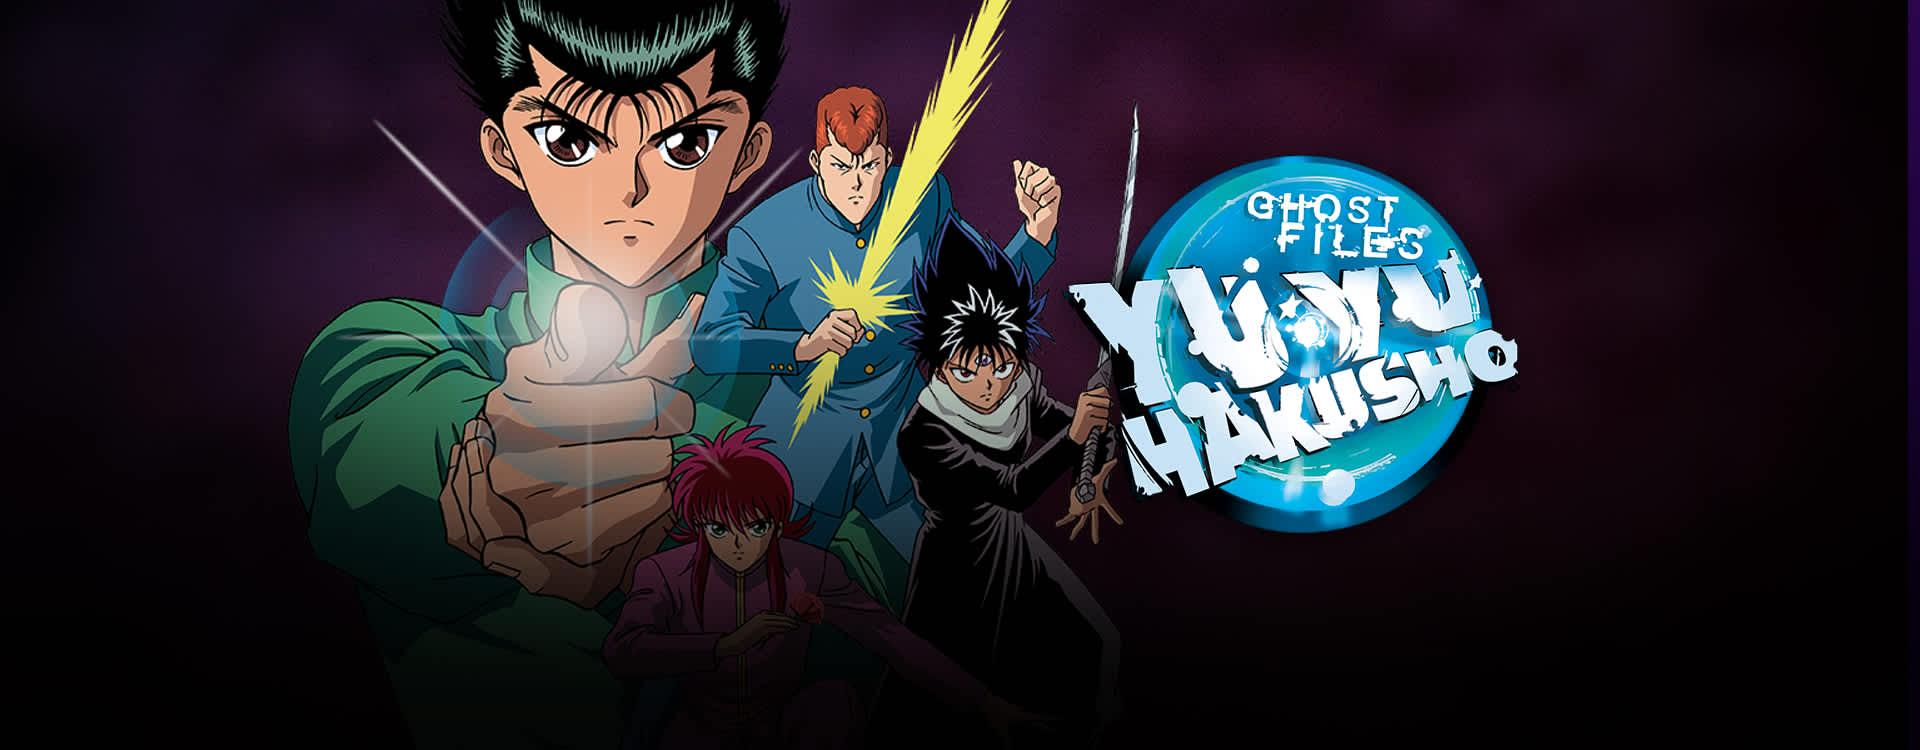 Watch Yu Yu Hakusho Episodes Sub & Dub   Action/Adventure